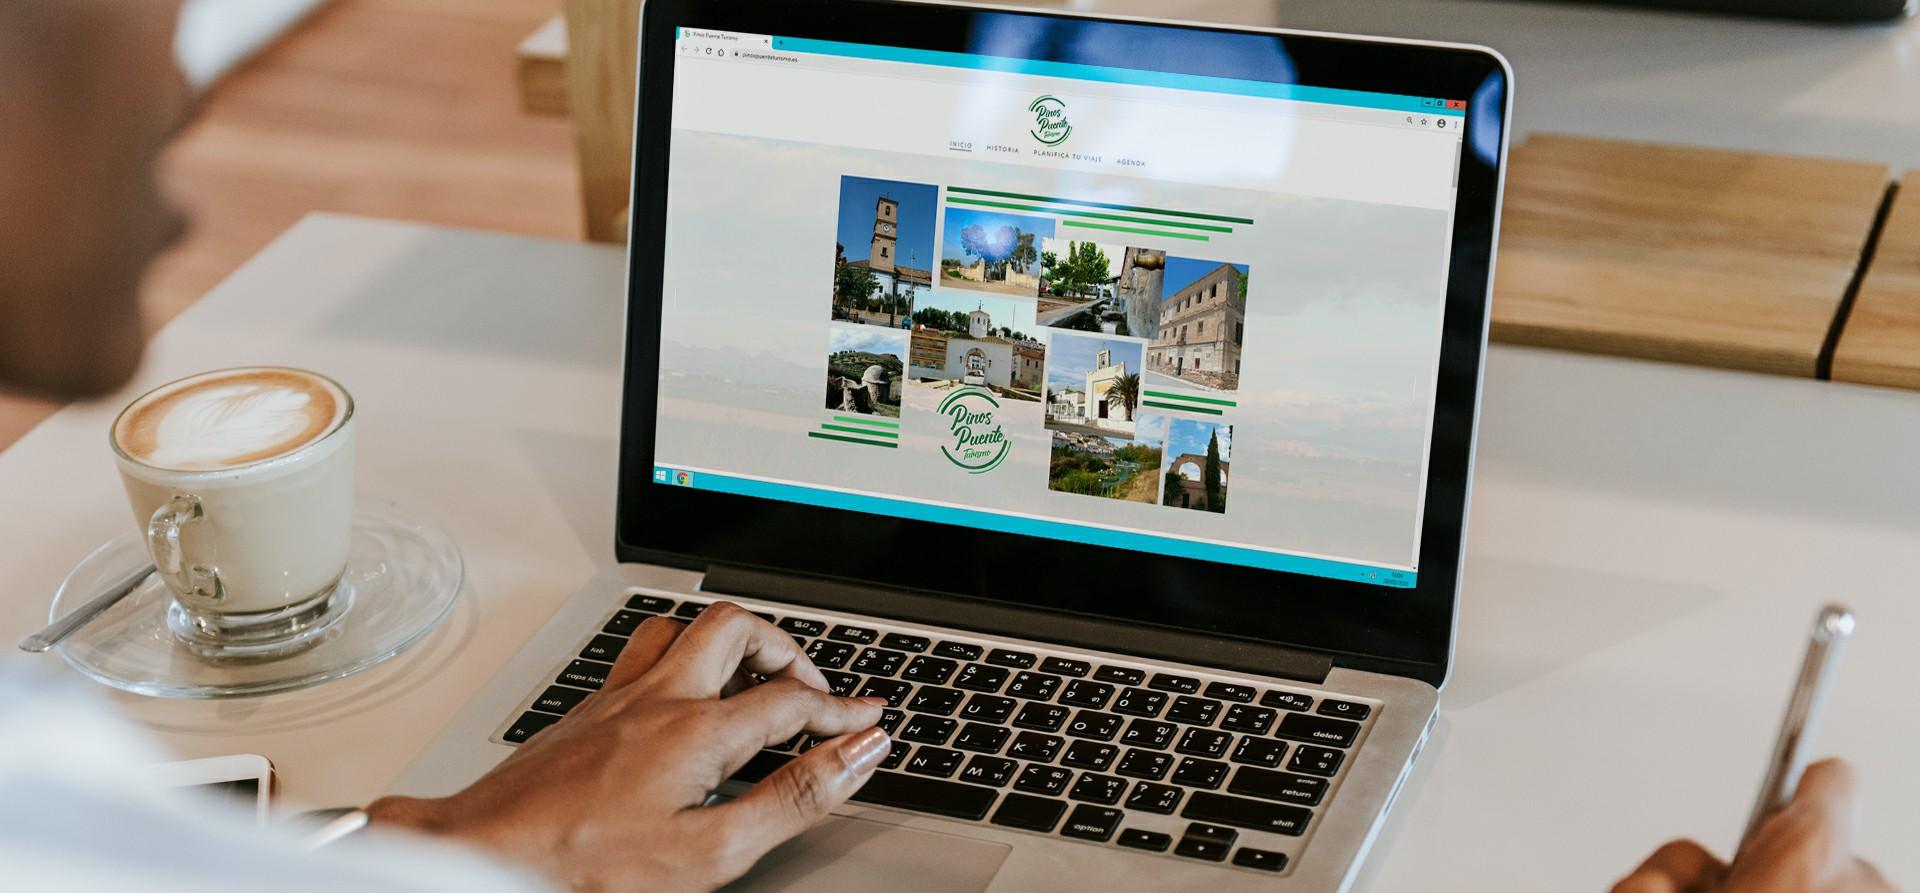 Bienvenido a la web de Pinos Puente Turismo